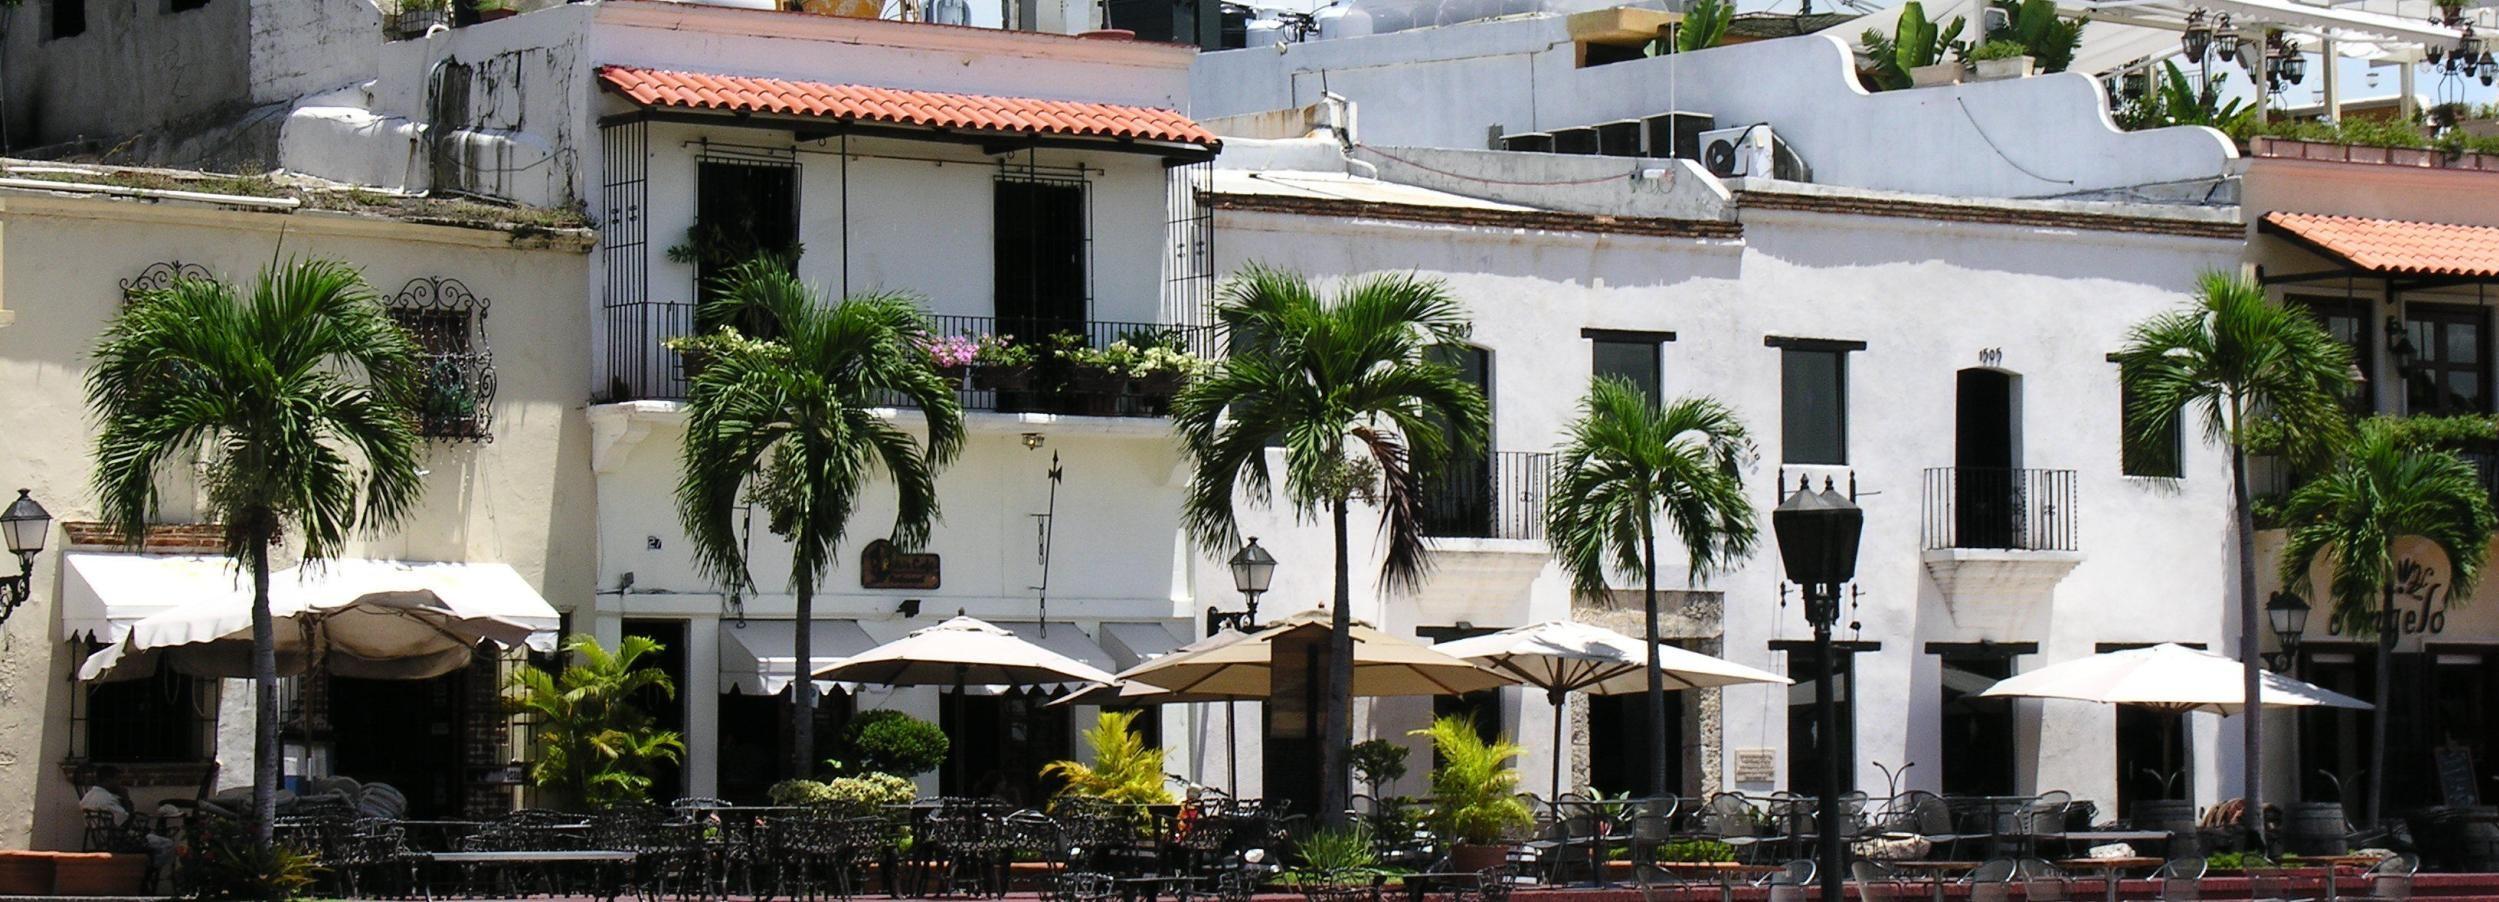 Saint-Domingue: Visites de la ville à la journée ou à la journée